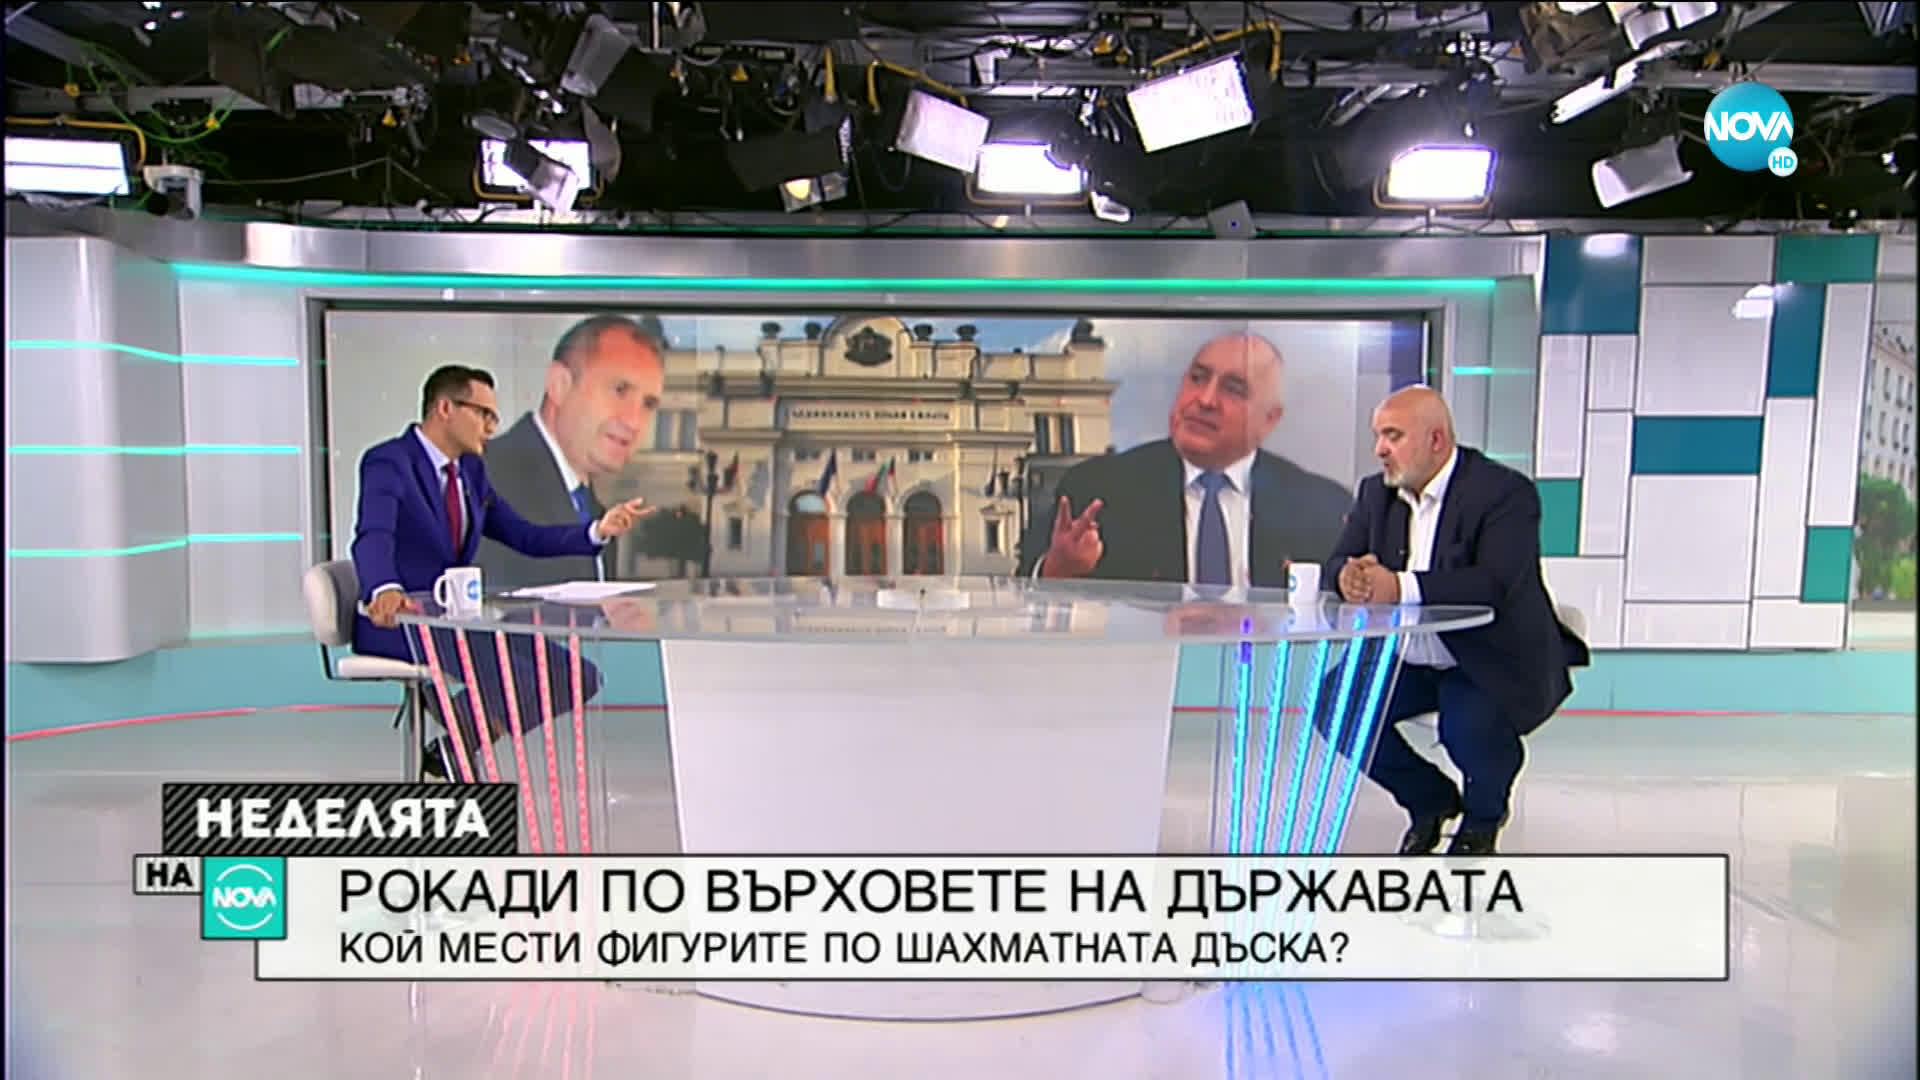 Маноил Манев: Радев овладява всички властови структури и провежда лична политика